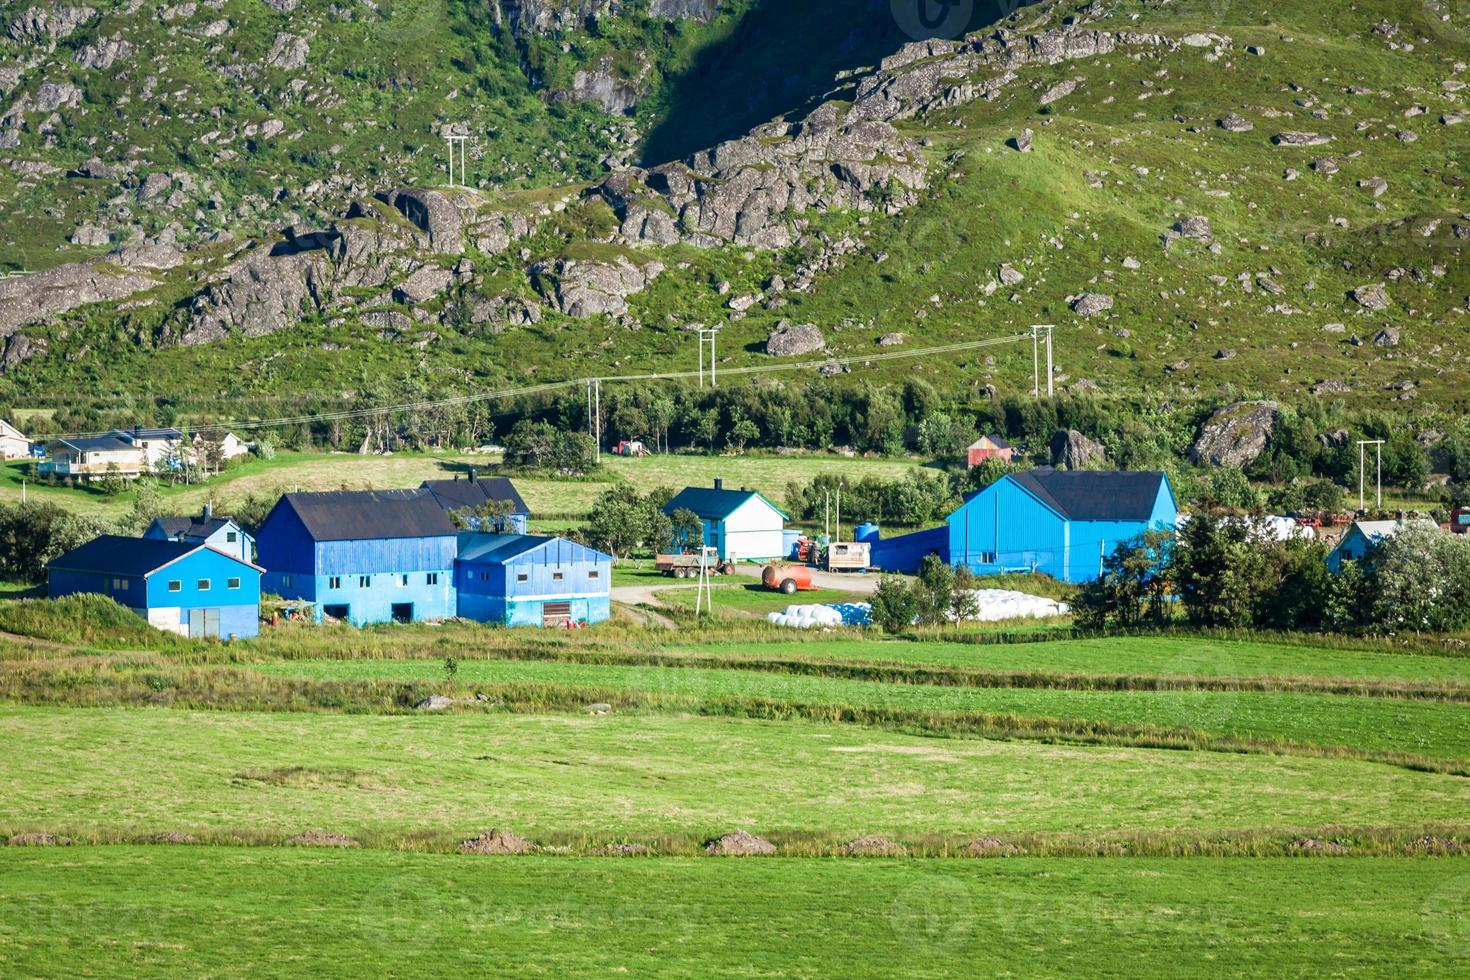 Casas coloridas tradicionales noruegas, islas Lofoten, Noruega foto